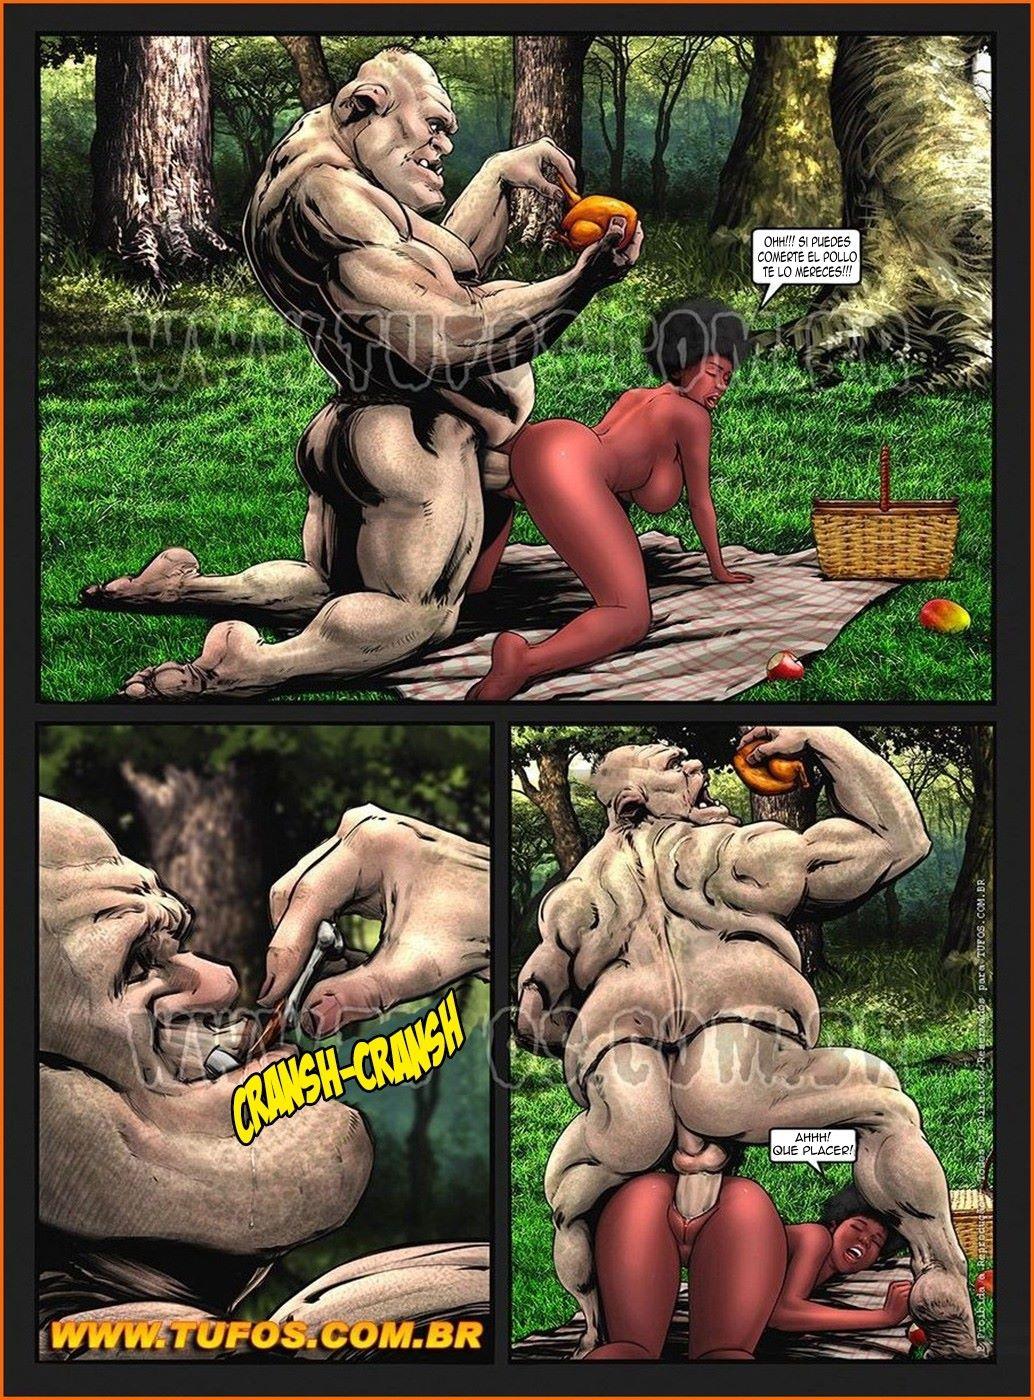 Tufos - Gangue dos Monstros 4